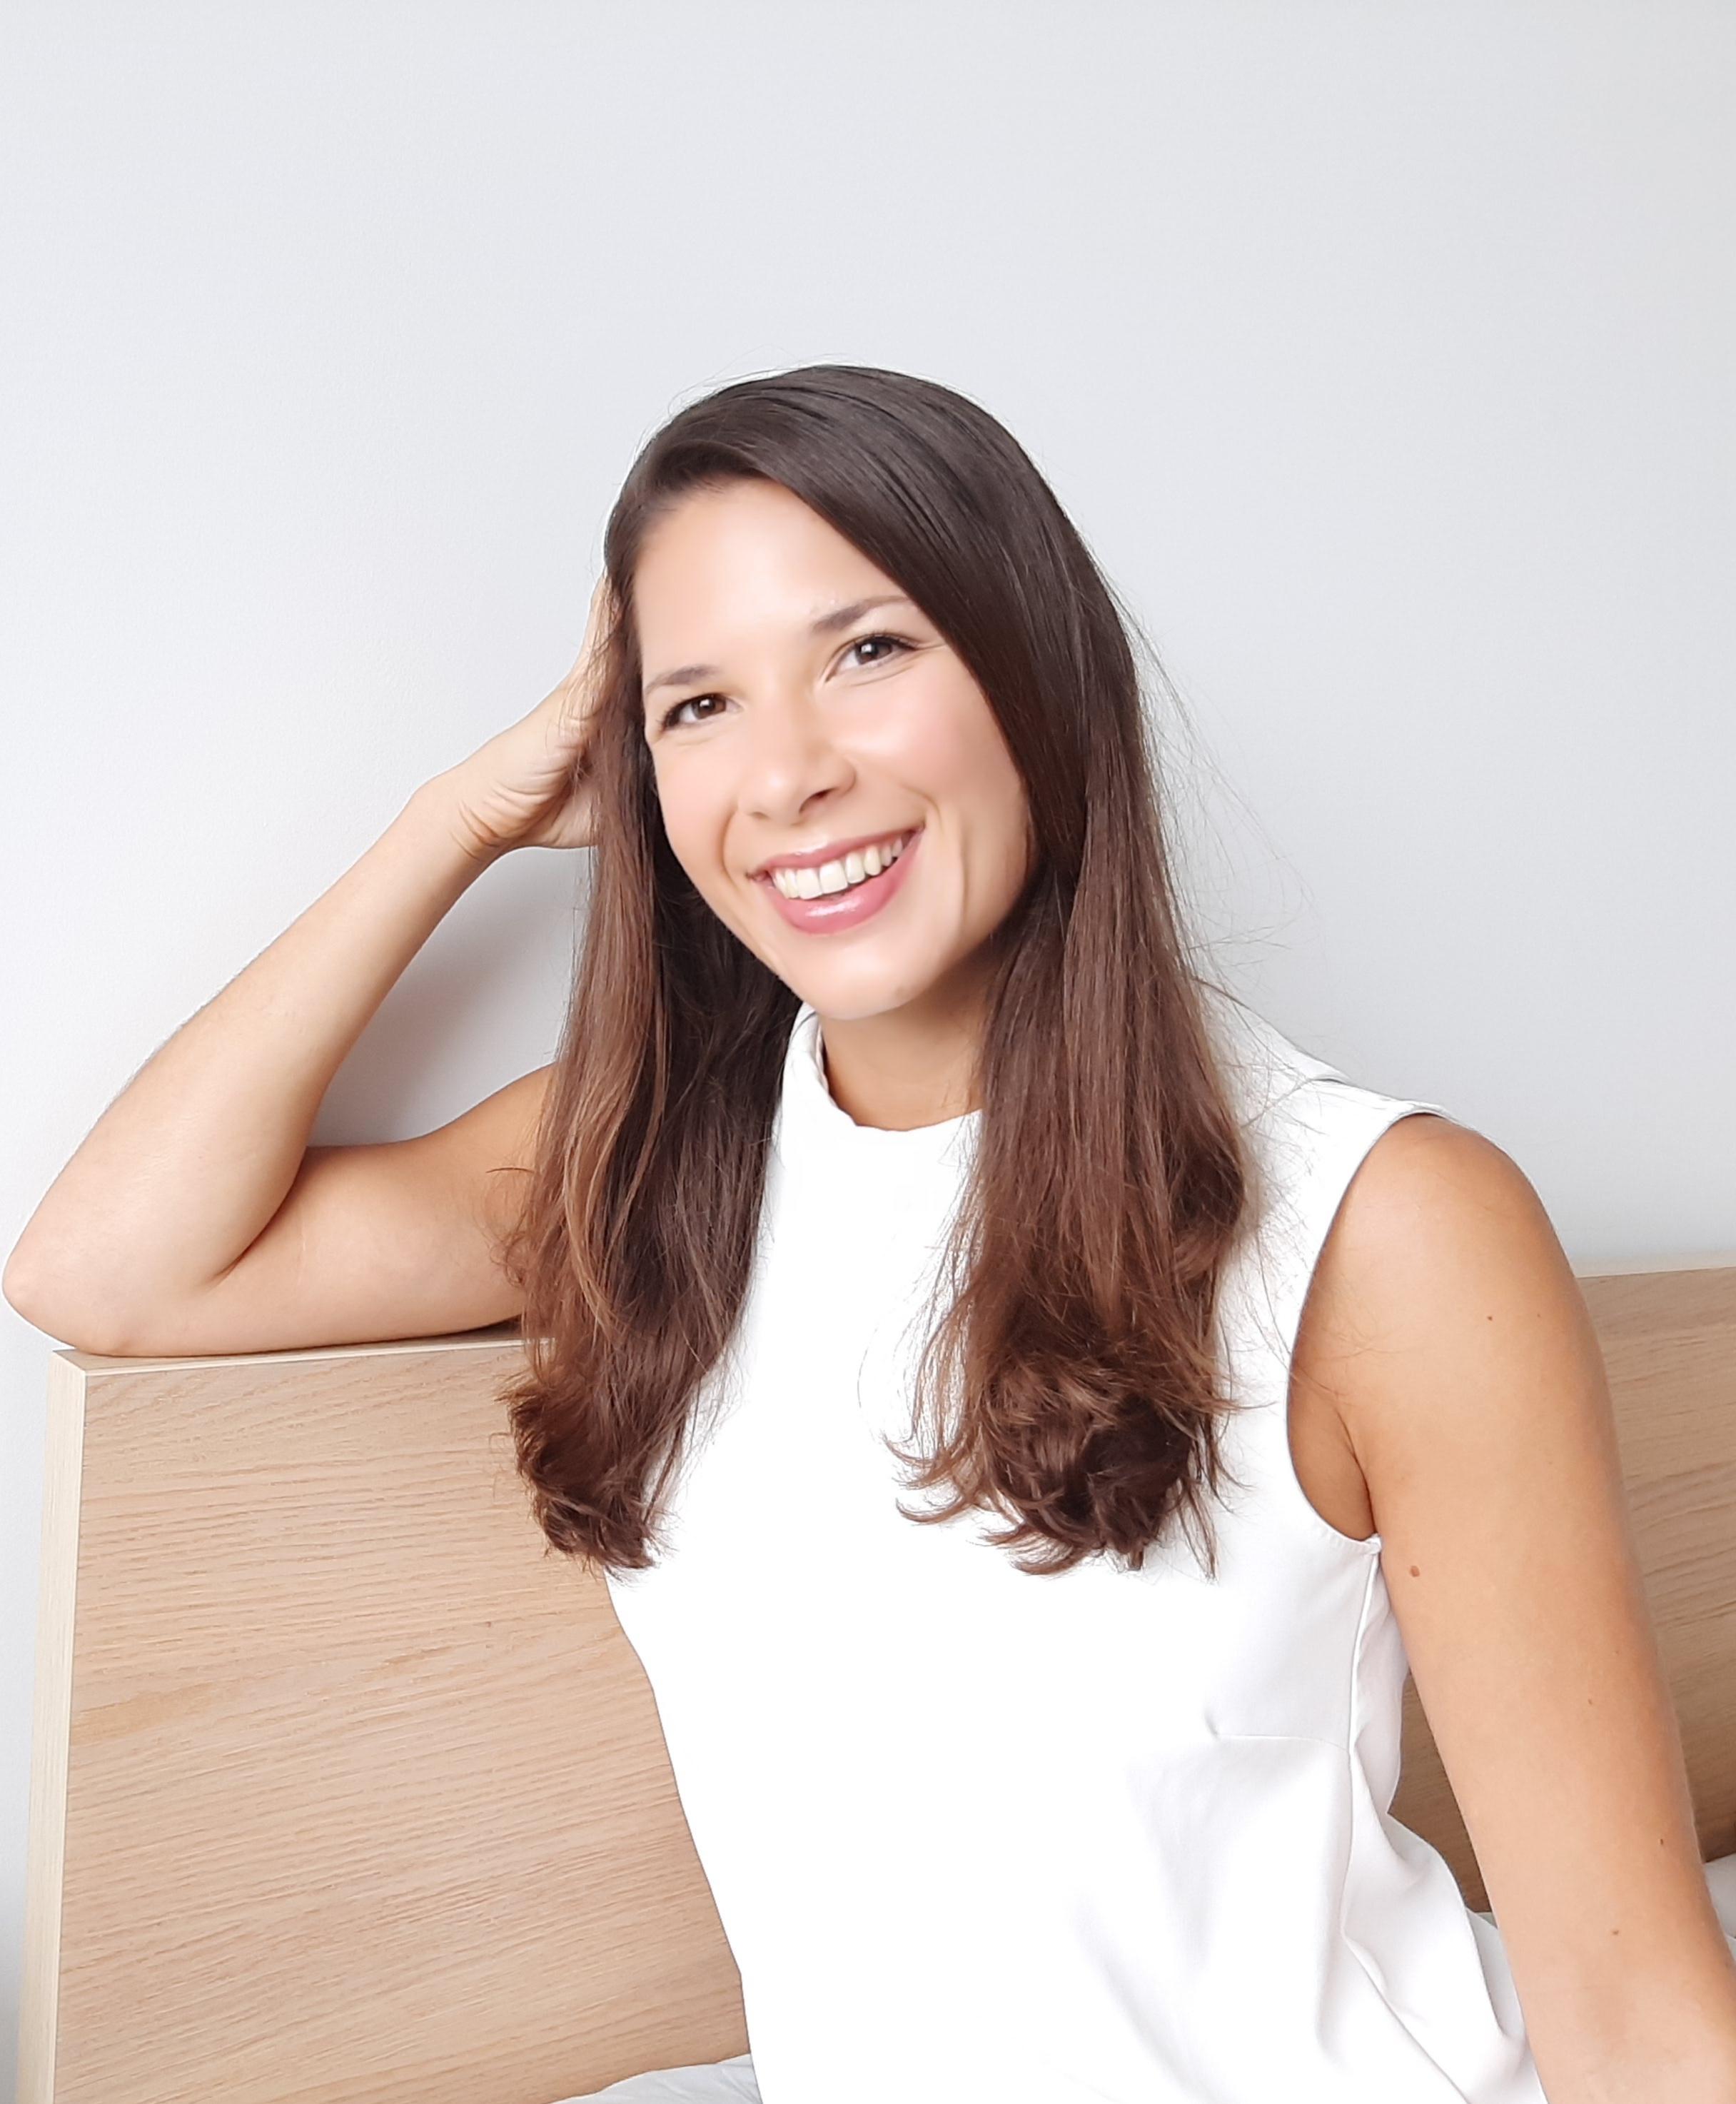 Marlene Johler from eco-friendly brand Nature Leaf